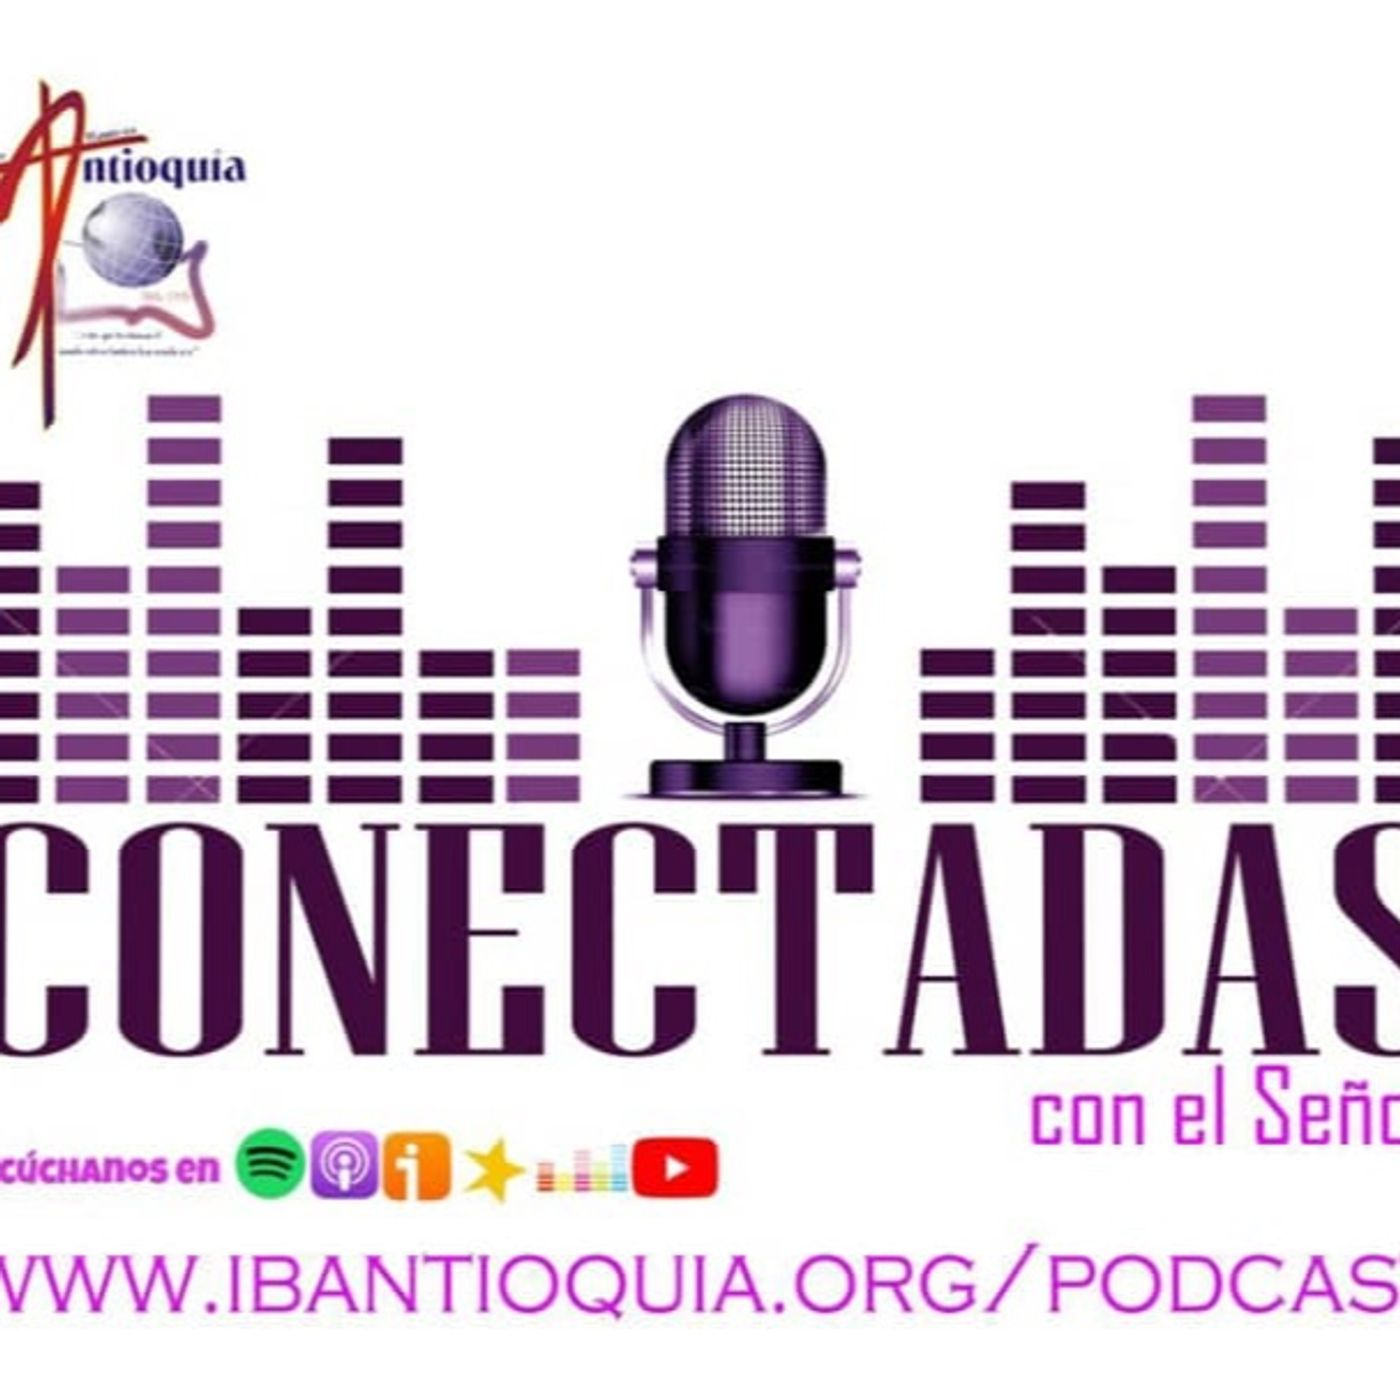 Episodio 29 - Conectadas - Hna Teresa de Hernández - IBA